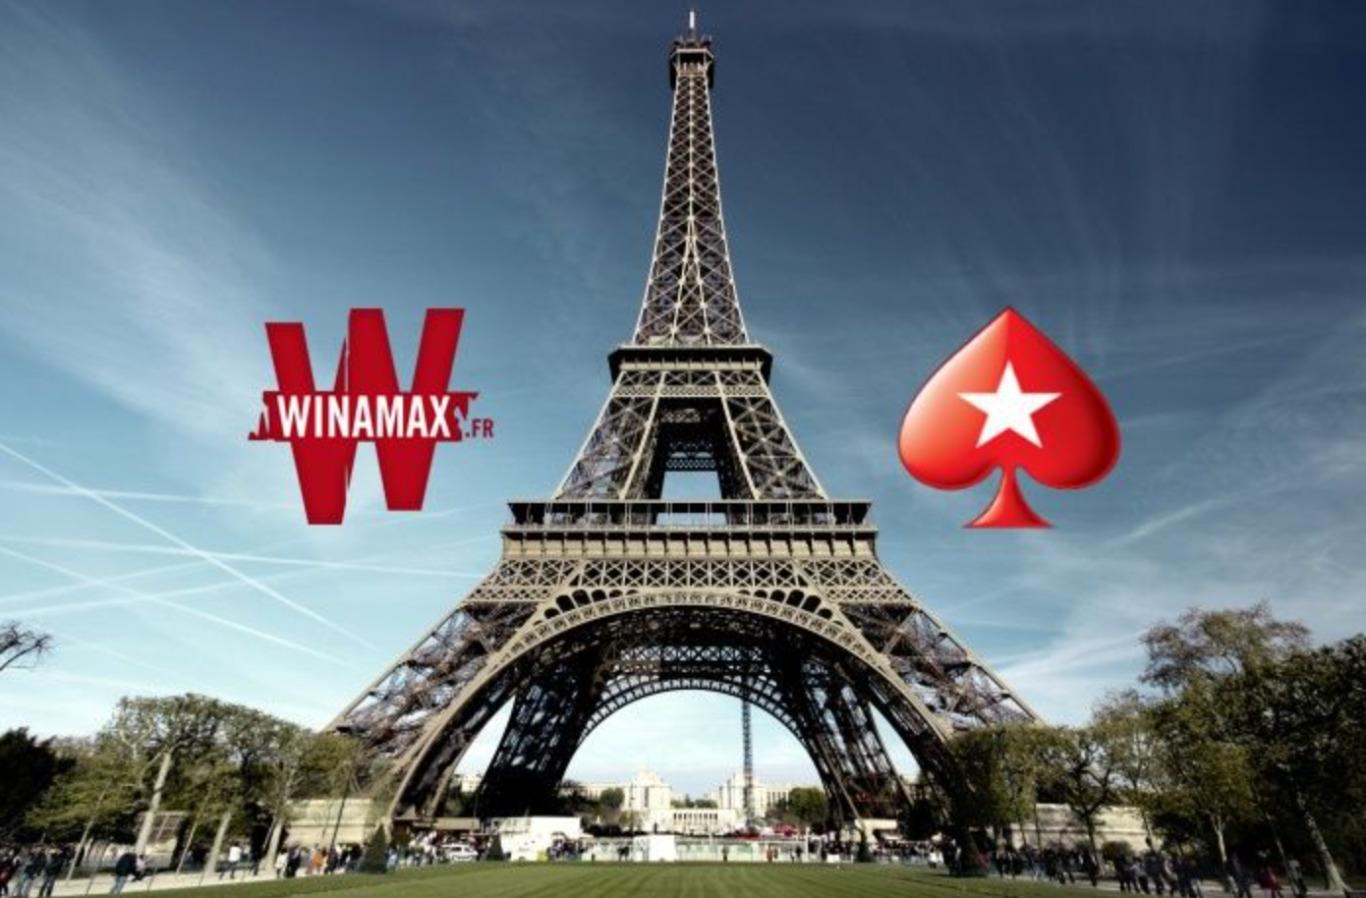 Qu'est-ce que c'est Winamax?